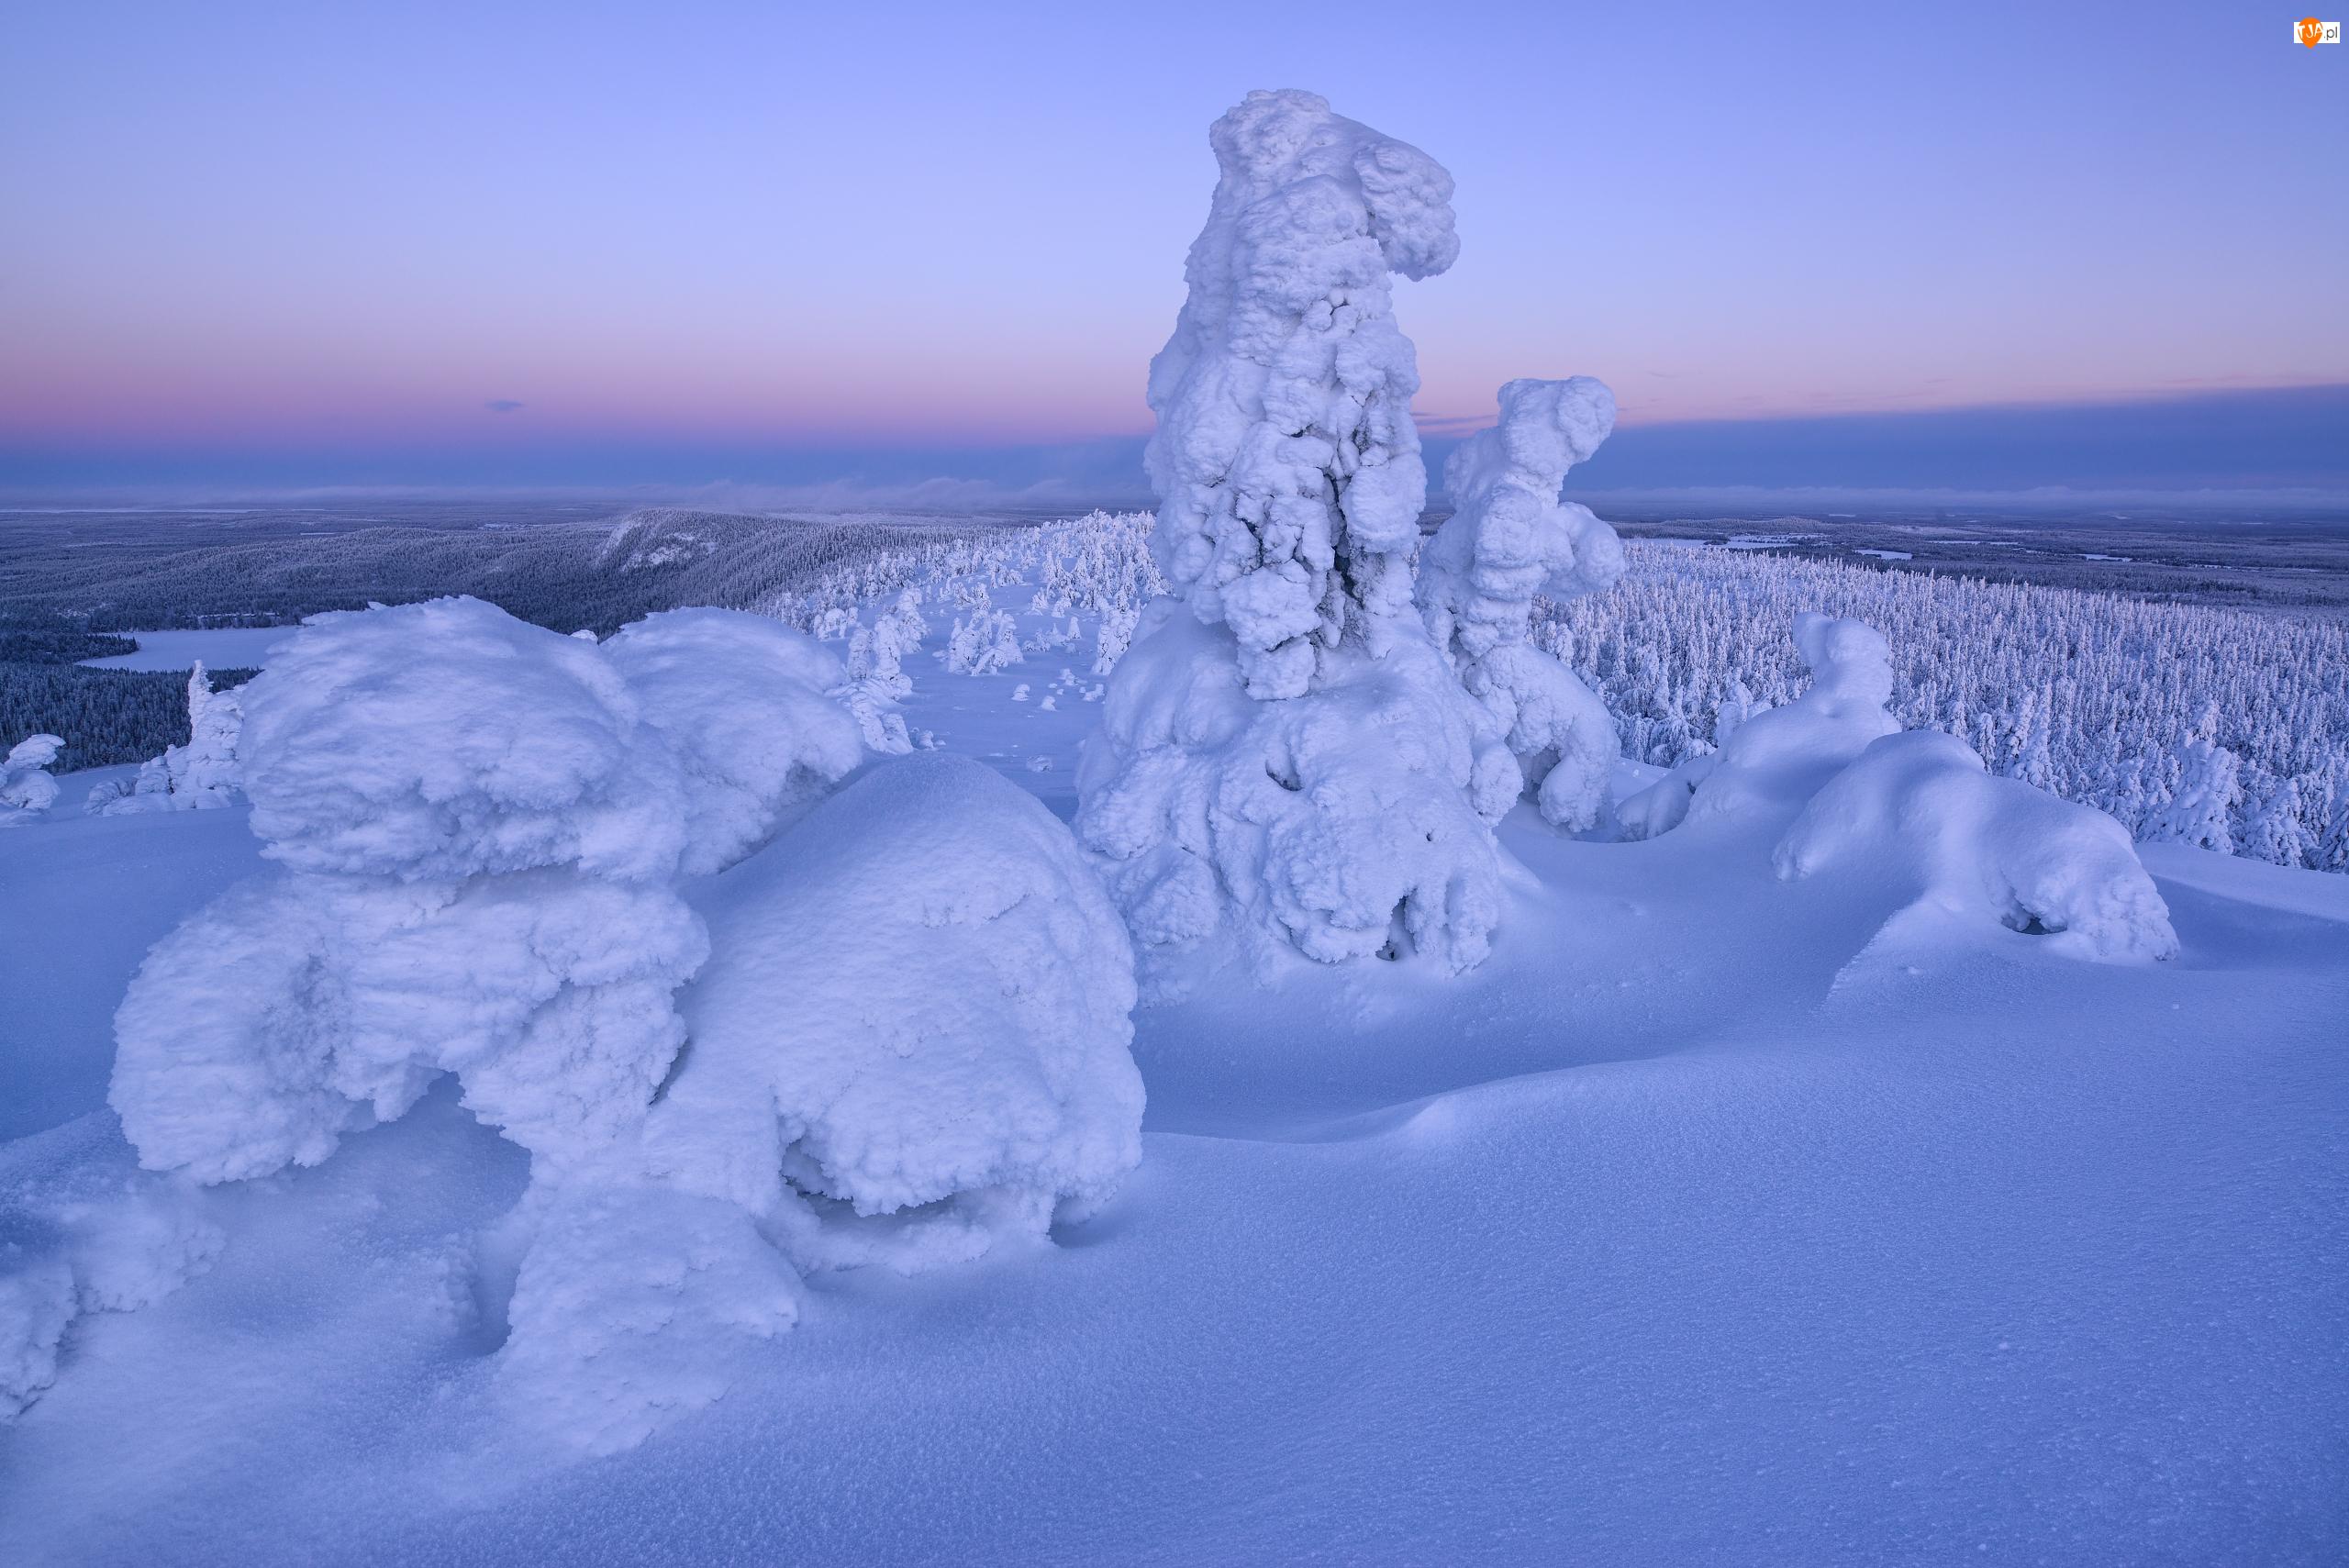 Zaśnieżone, Zima, Rezerwat Valtavaara, Finlandia, Drzewa, Laponia